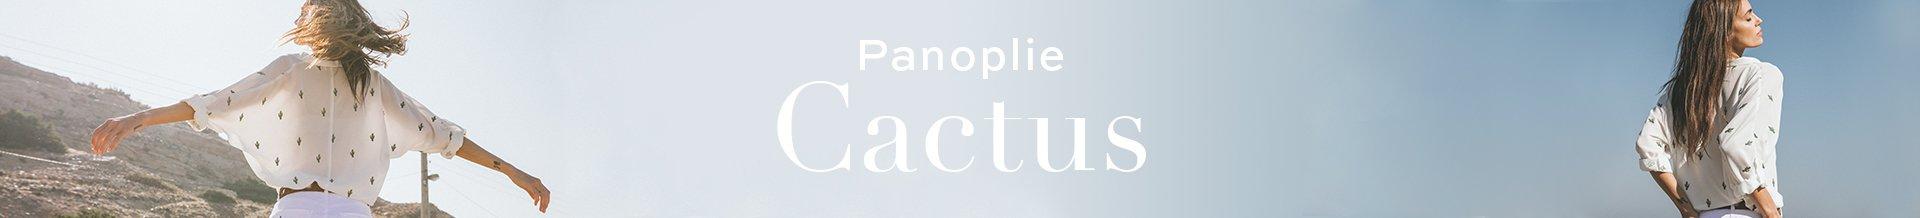 Panoplie Cactus